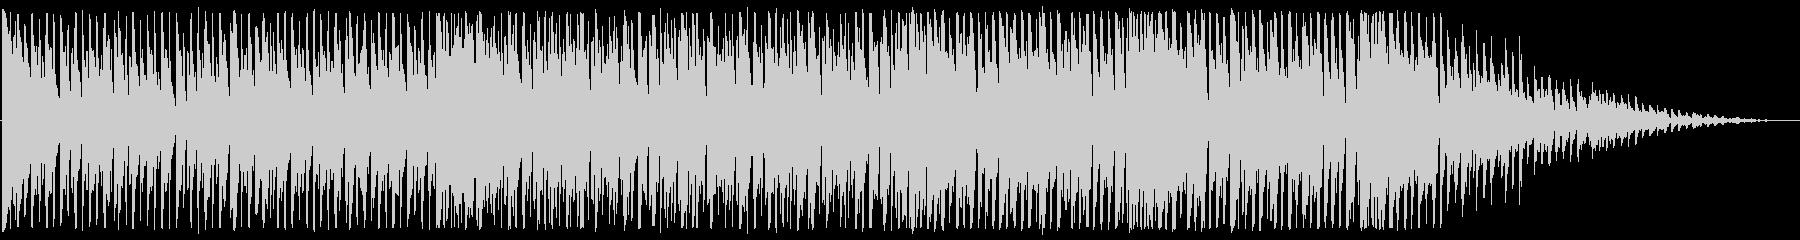 ピアノ/爽やか/ハウス_No488_3の未再生の波形